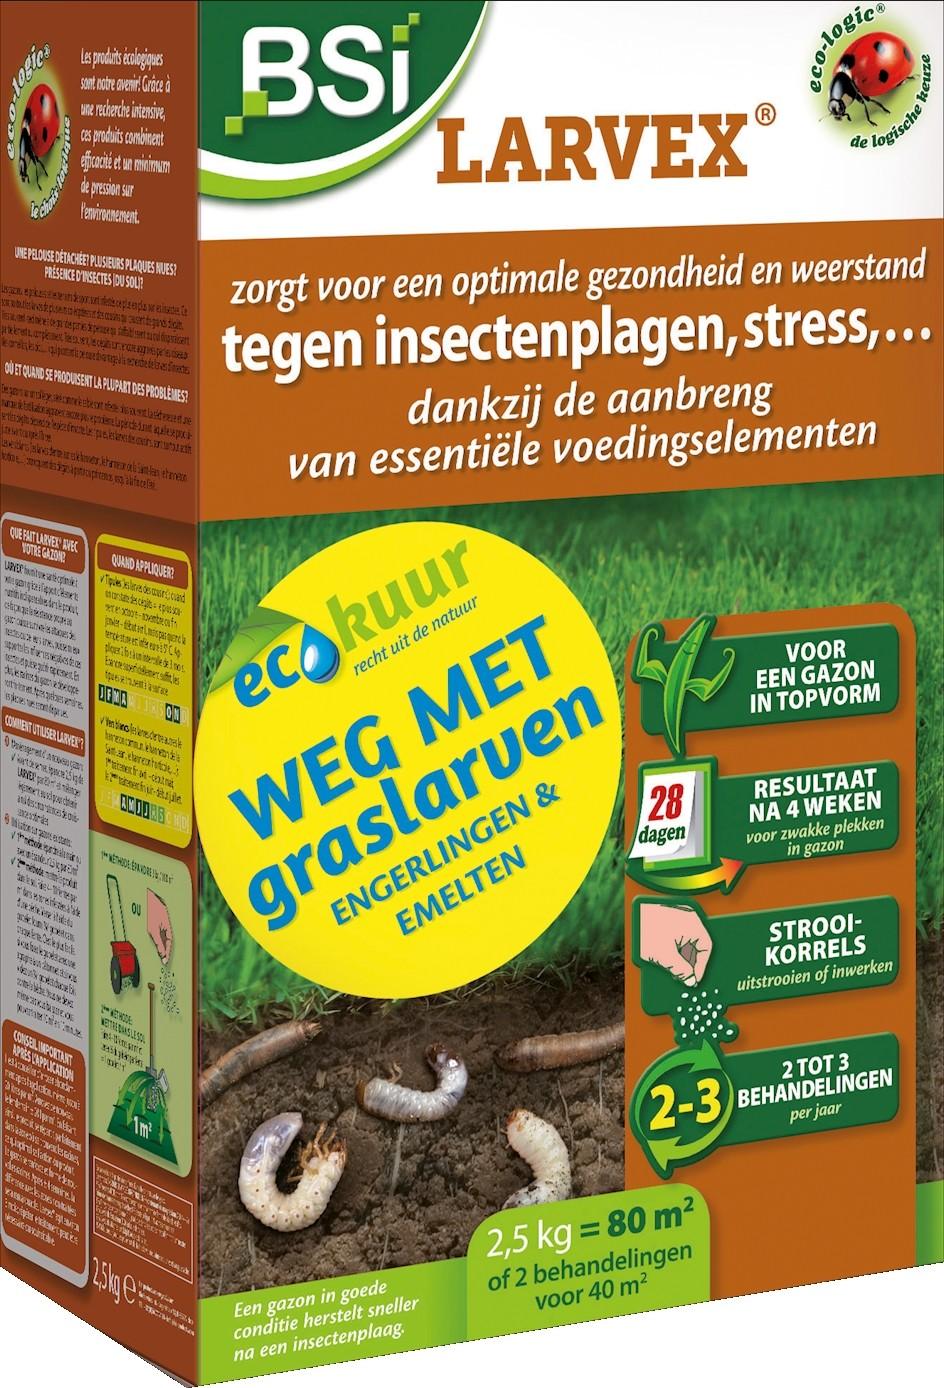 Korrels tegen graslarven engerlingen emelten25 kg